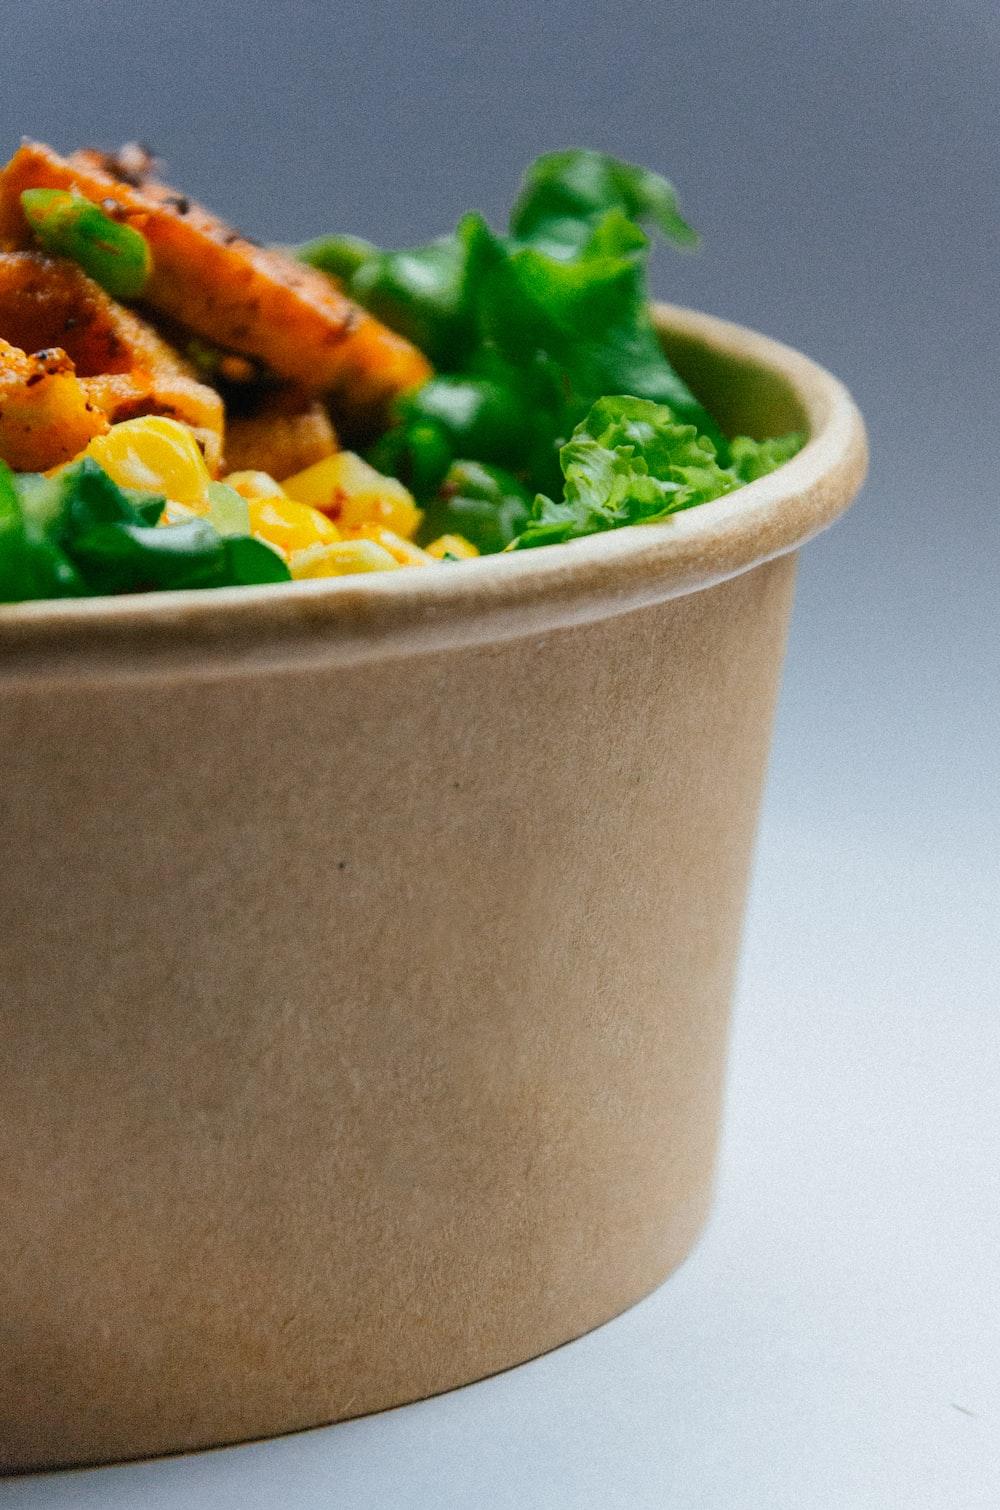 Veggie Protein: Numerous Benefits Of Veggies